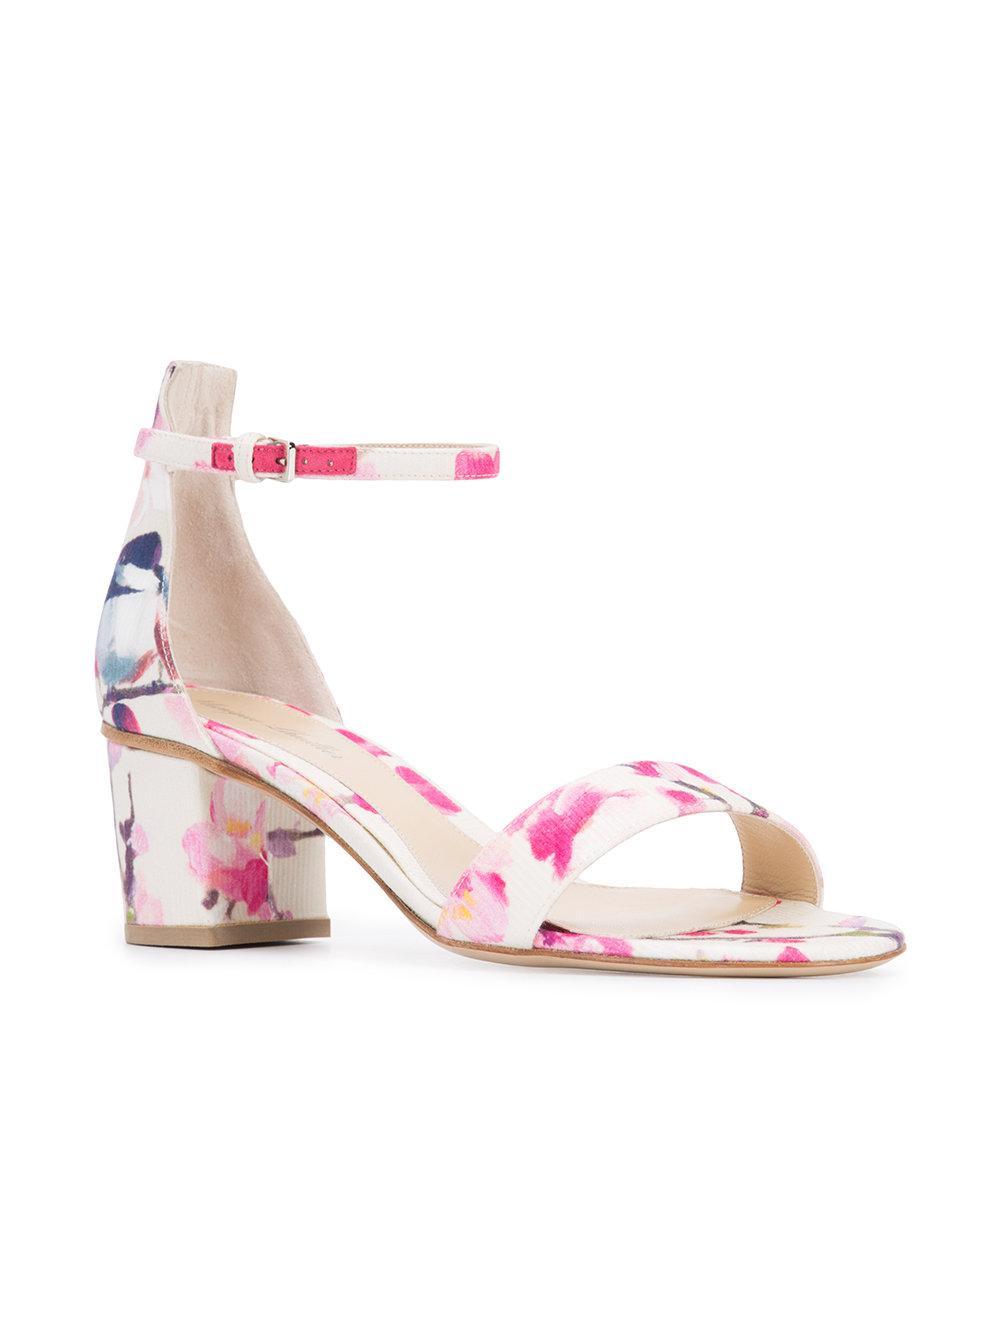 Lyst Monique Lhuillier Floral Print Sandals In White